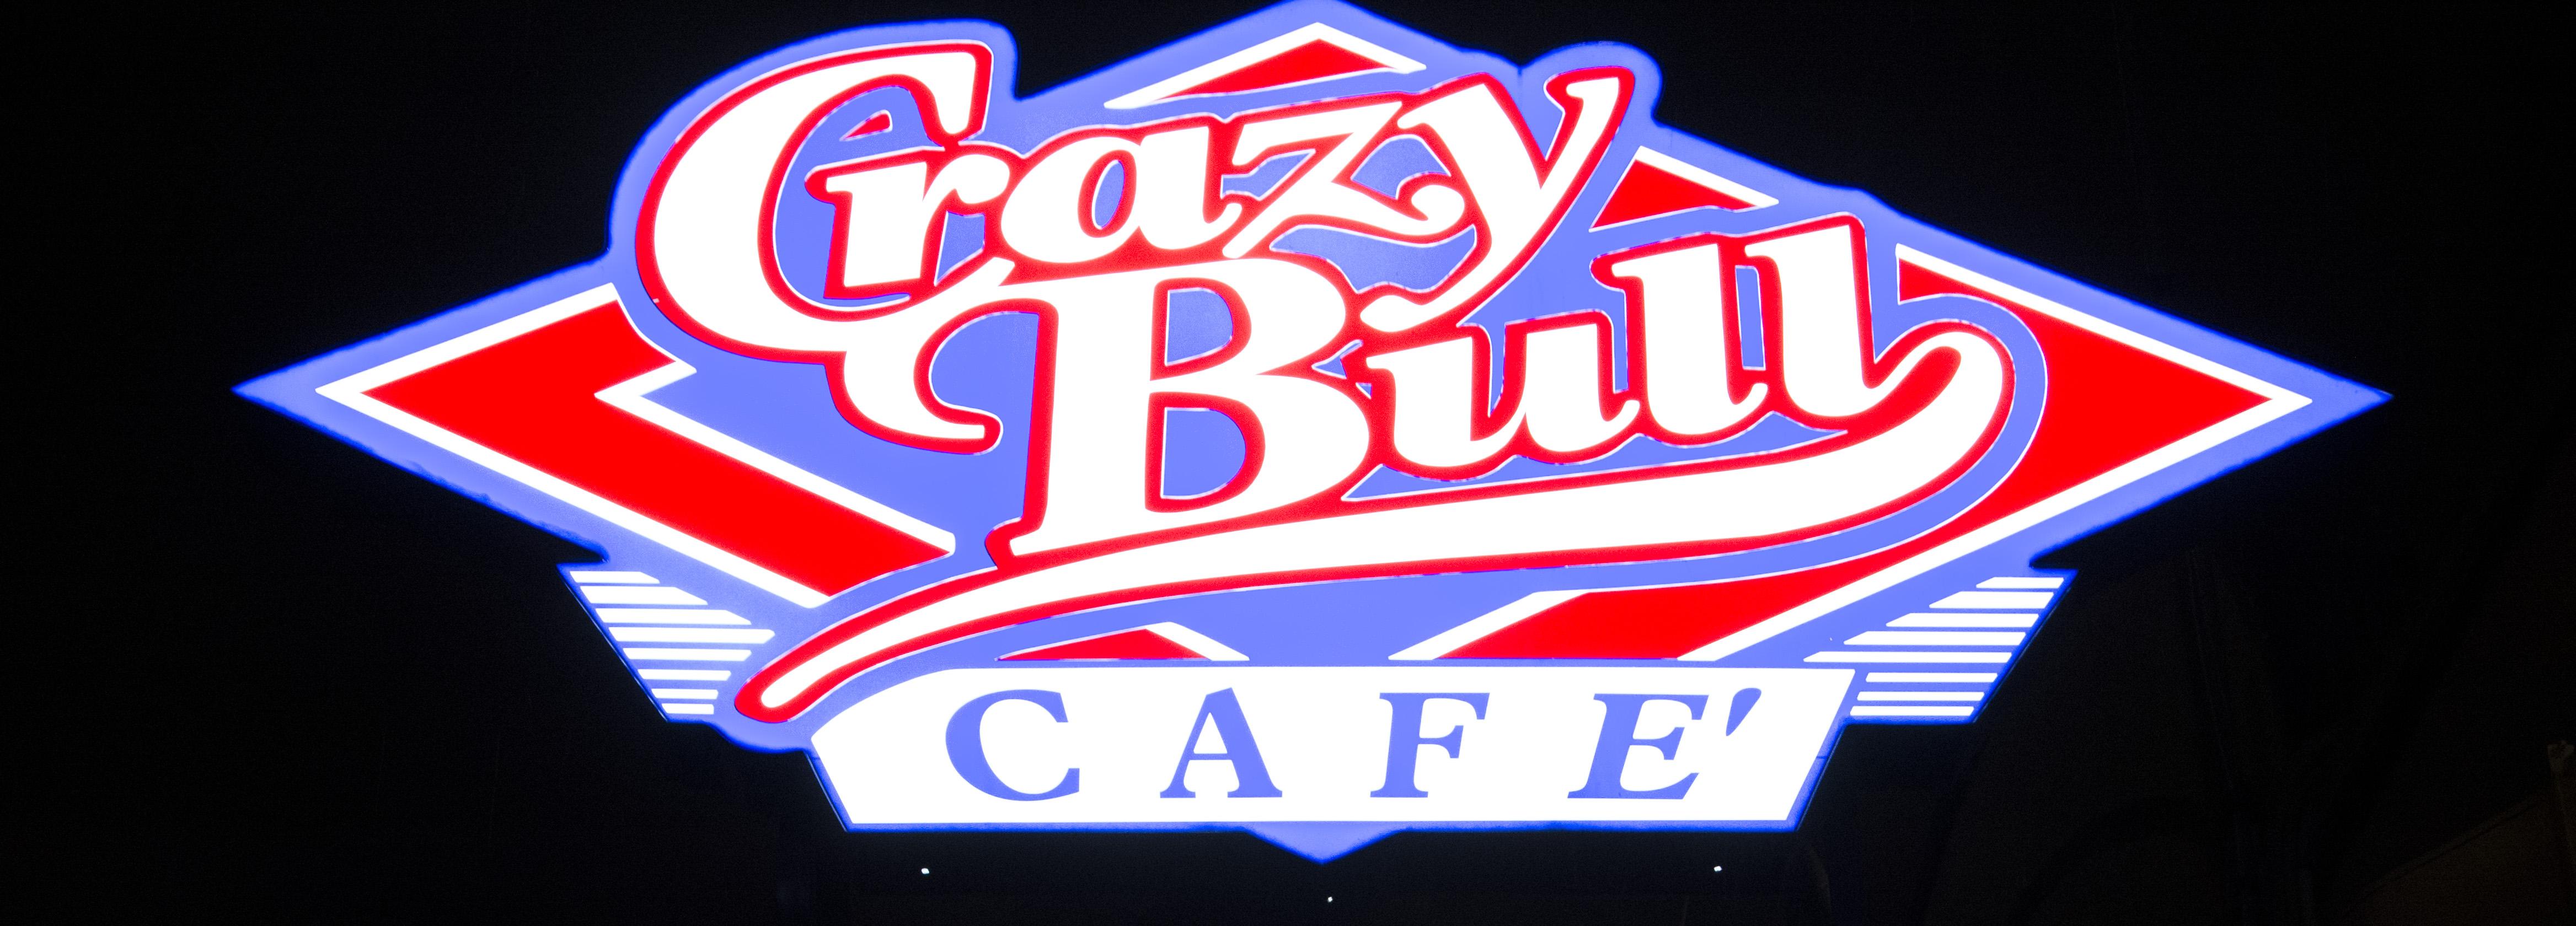 Crazy Bull Senza Glutine #CA0110 4671 1680 Cucina Mediterranea Senza Glutine Pdf